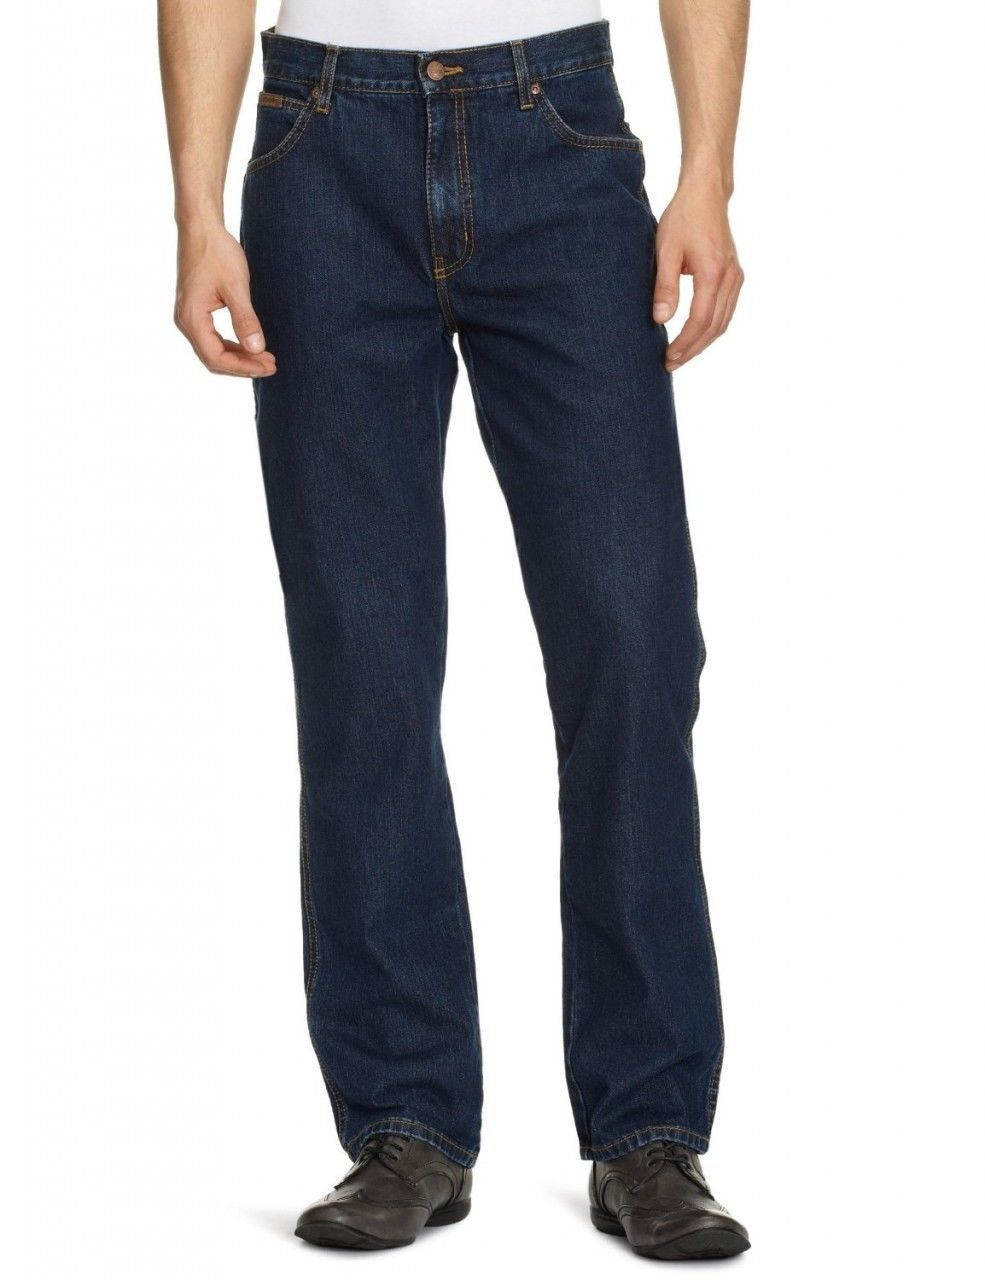 c631dfdf9e50 Wrangler Texas Regular Fit Straight Leg Jeans New Men s Darkstone ...